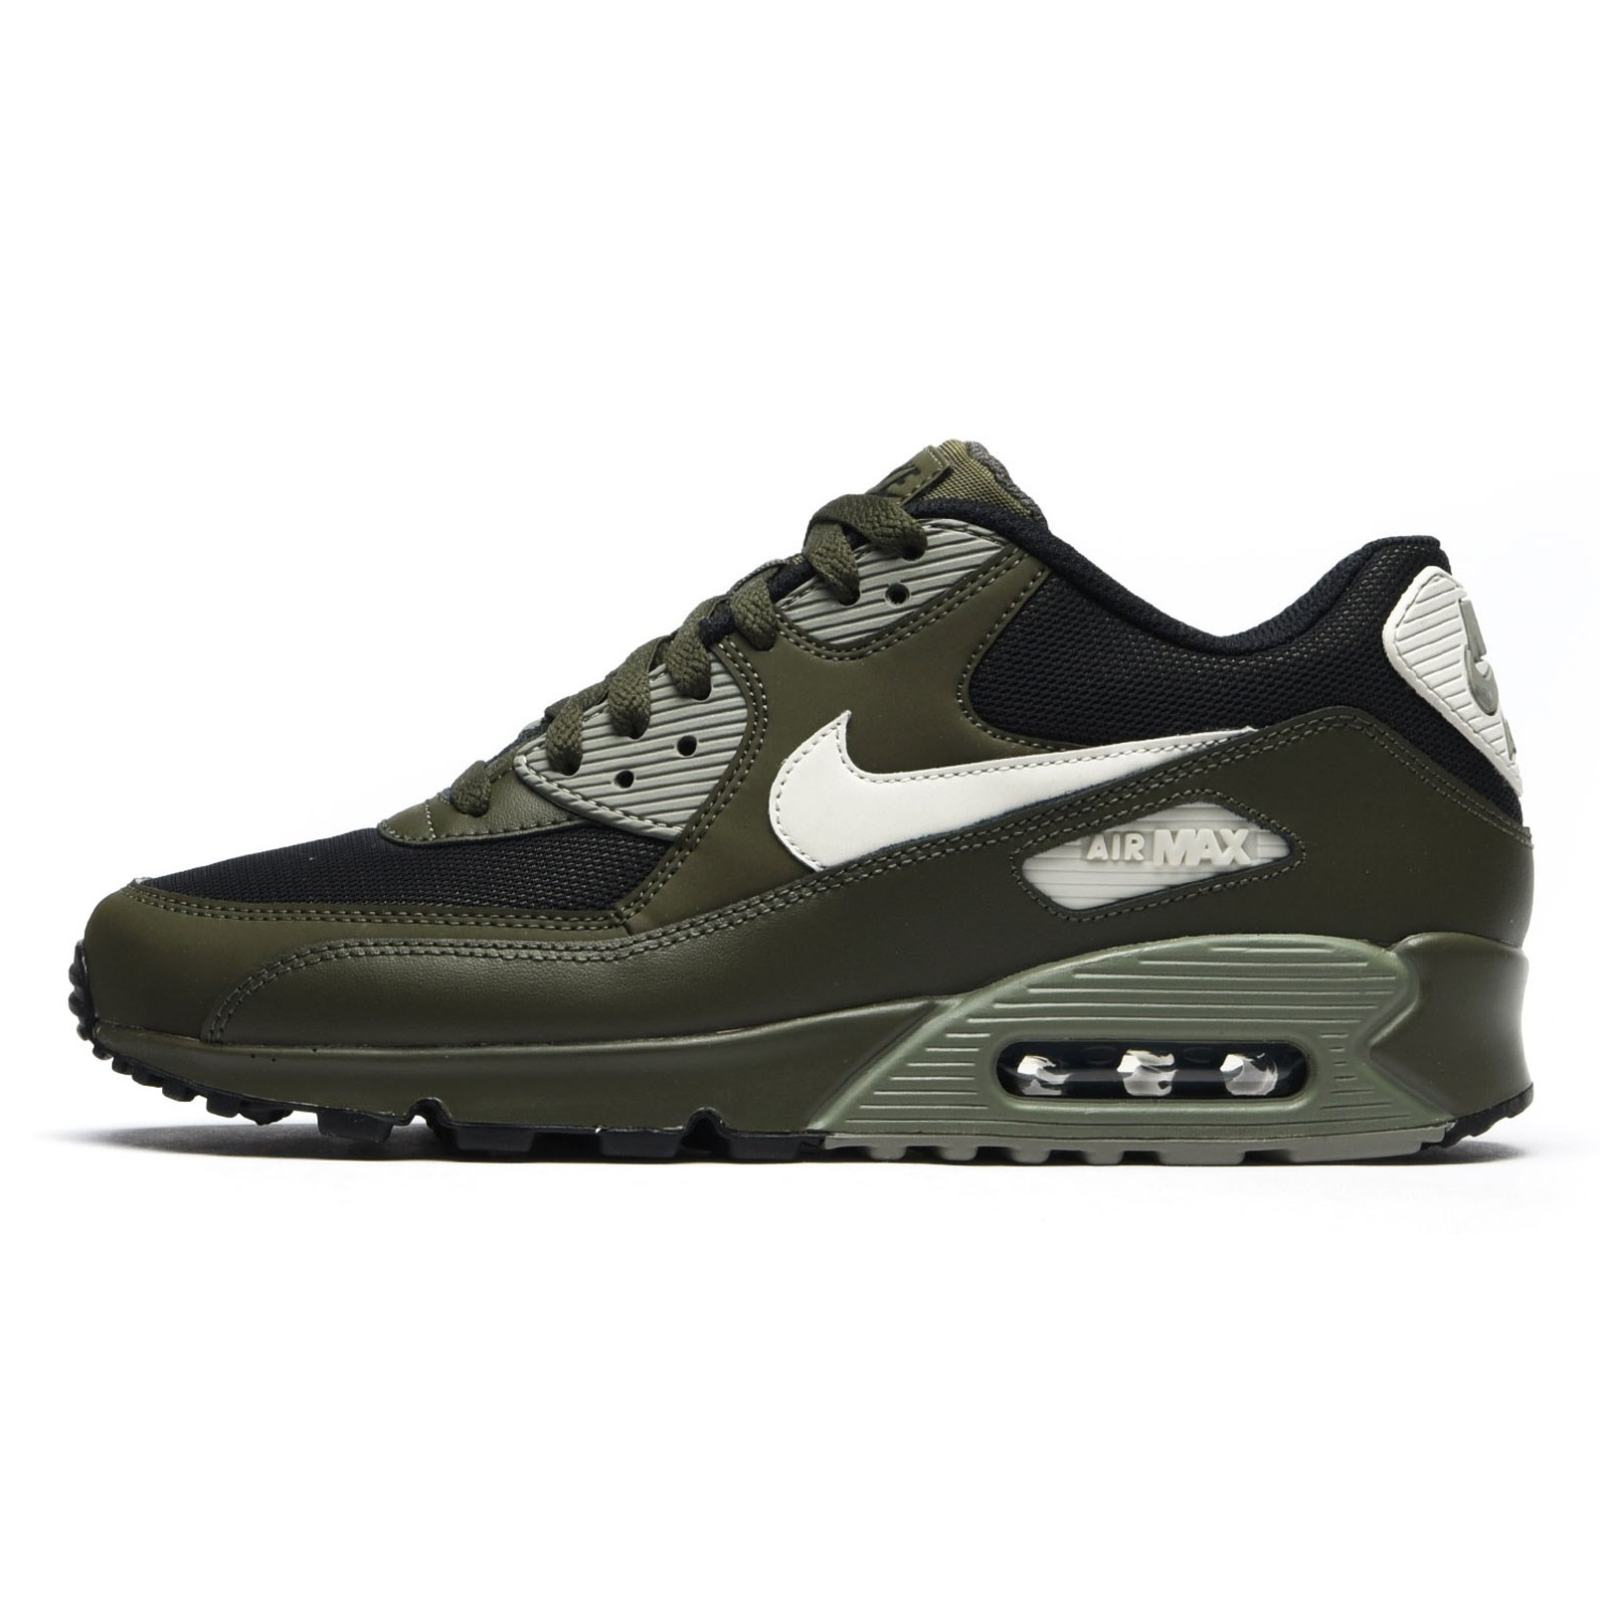 کفش ورزشی دویدن مردانه Air Max 90 Essential - نایکی - زيتوني تيره - 3